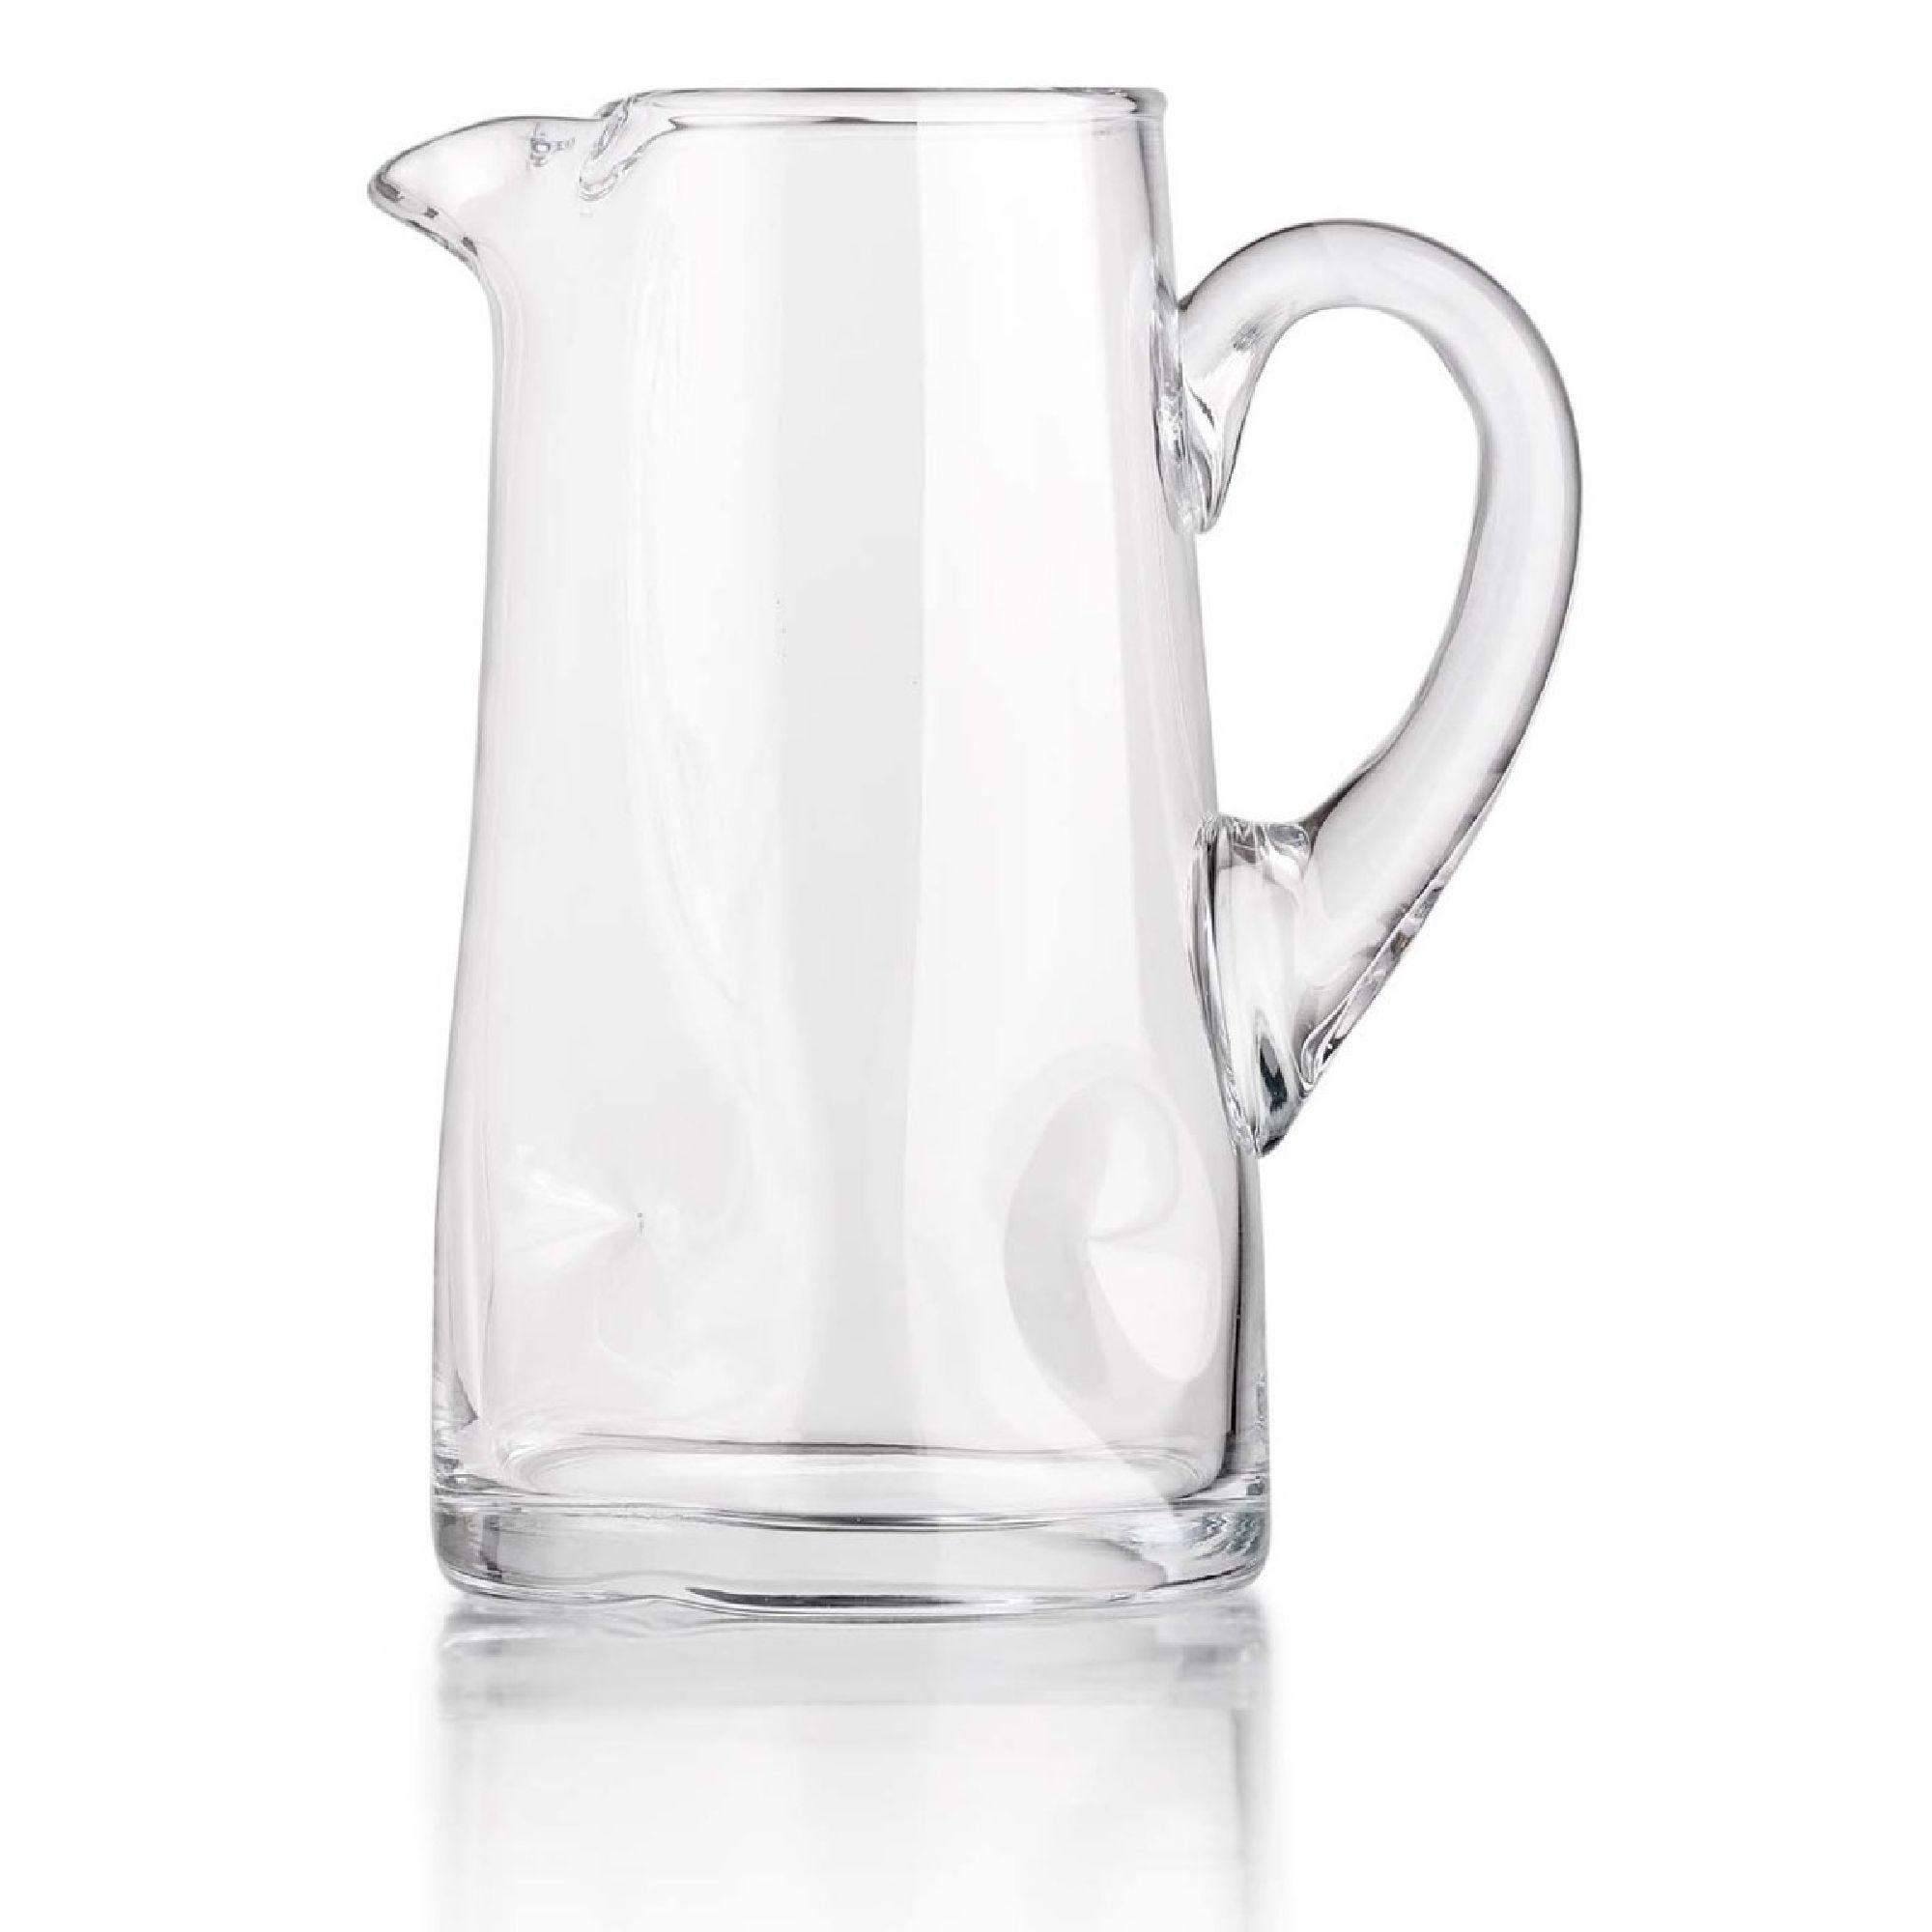 Jarra de vidrio Pedrada®, de 2.7 L